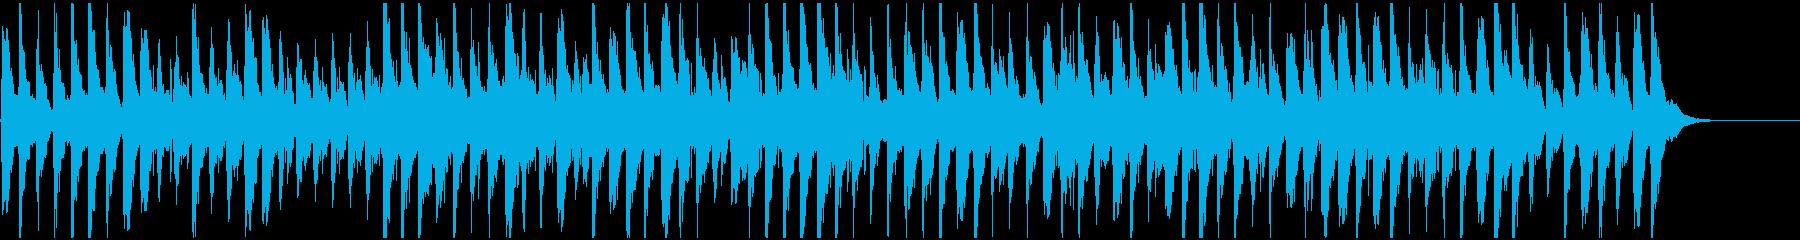 怪事件の語り用BGMの再生済みの波形